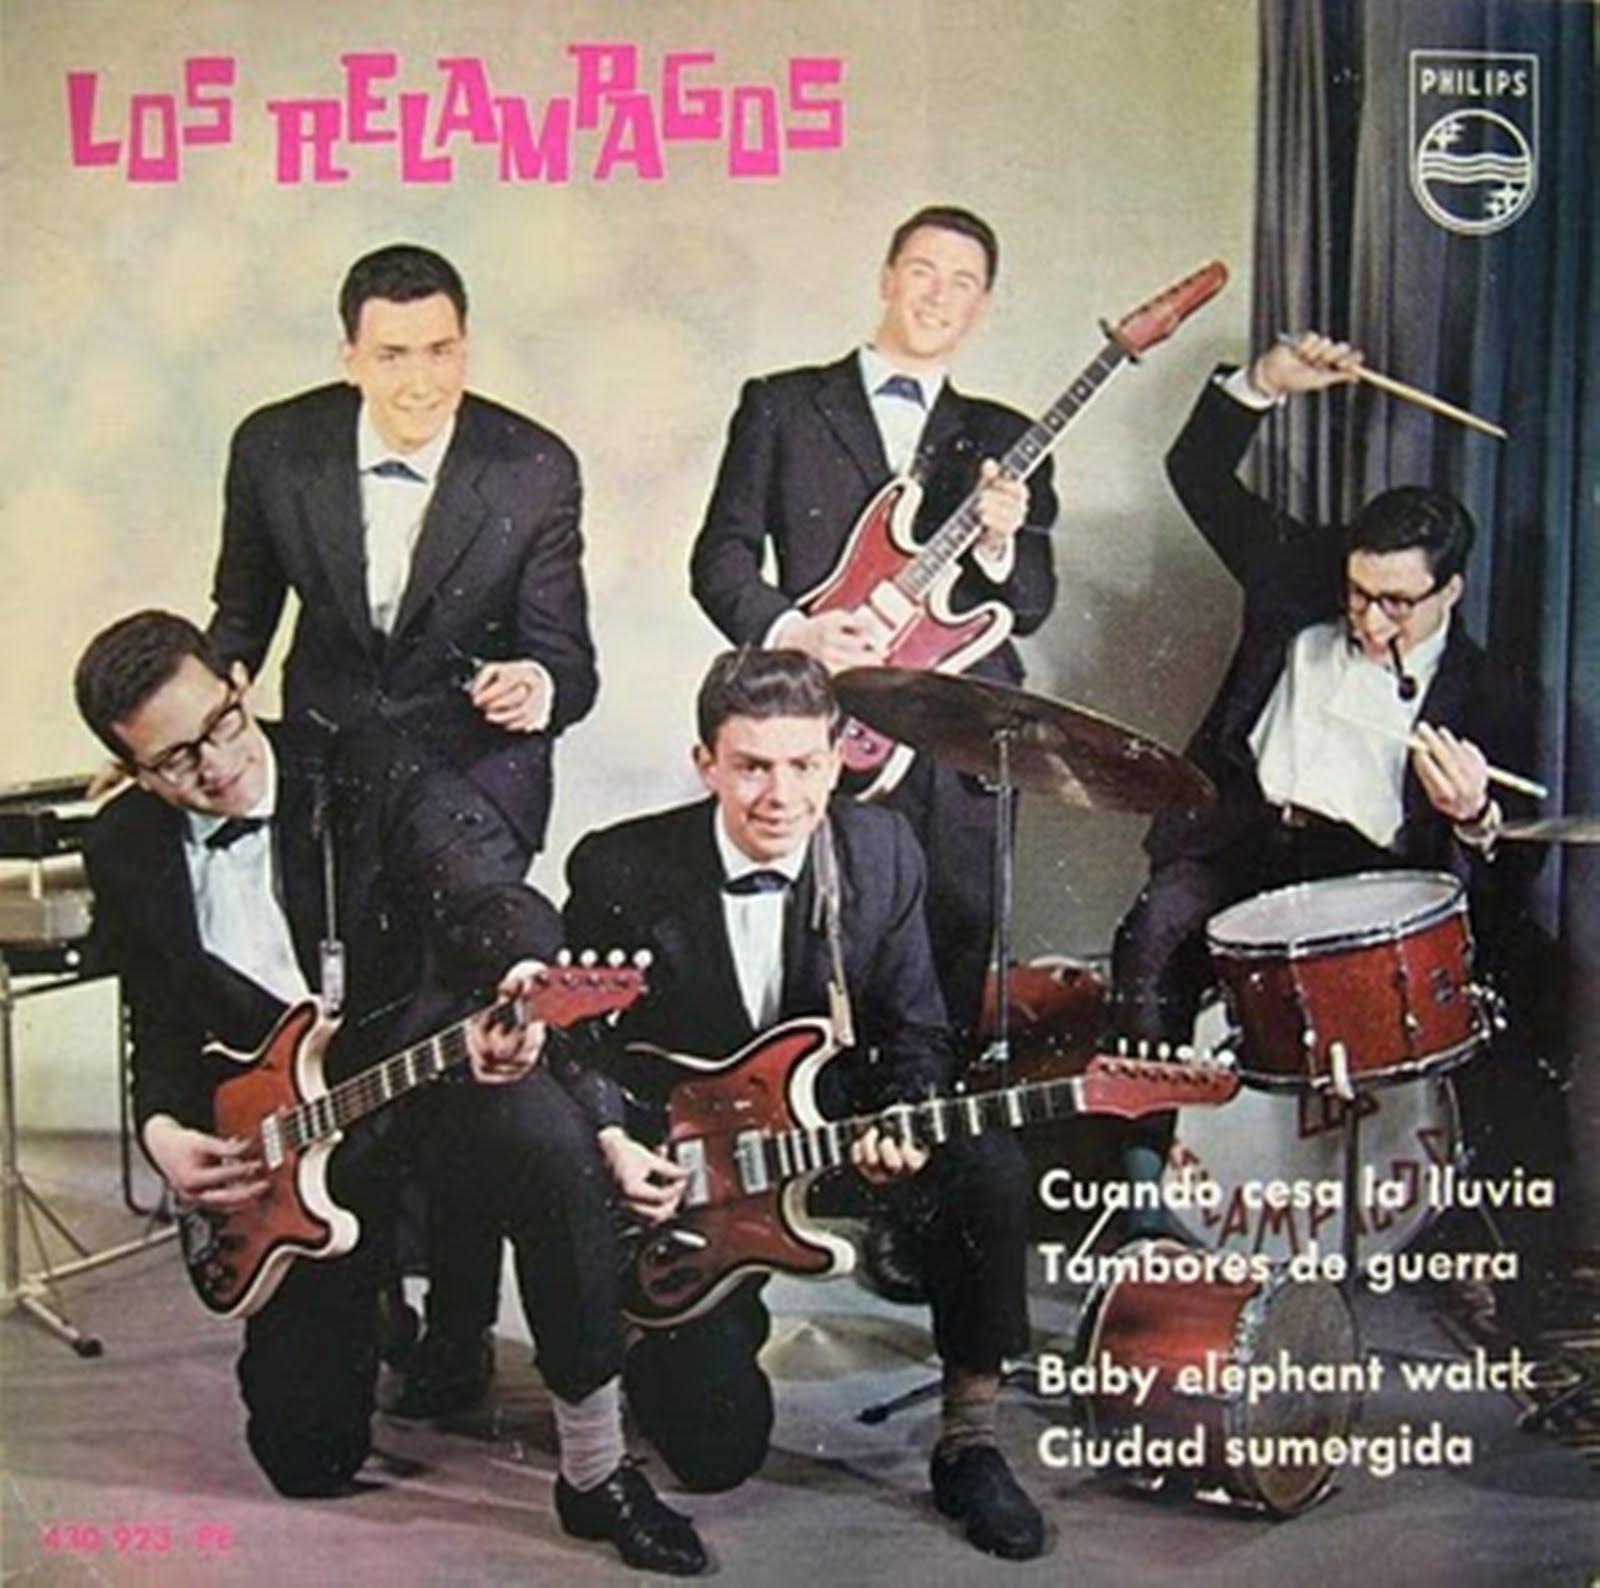 Cantantes y grupos en espa a de los a os 50 a 70 los - Musica anos 50 americana ...